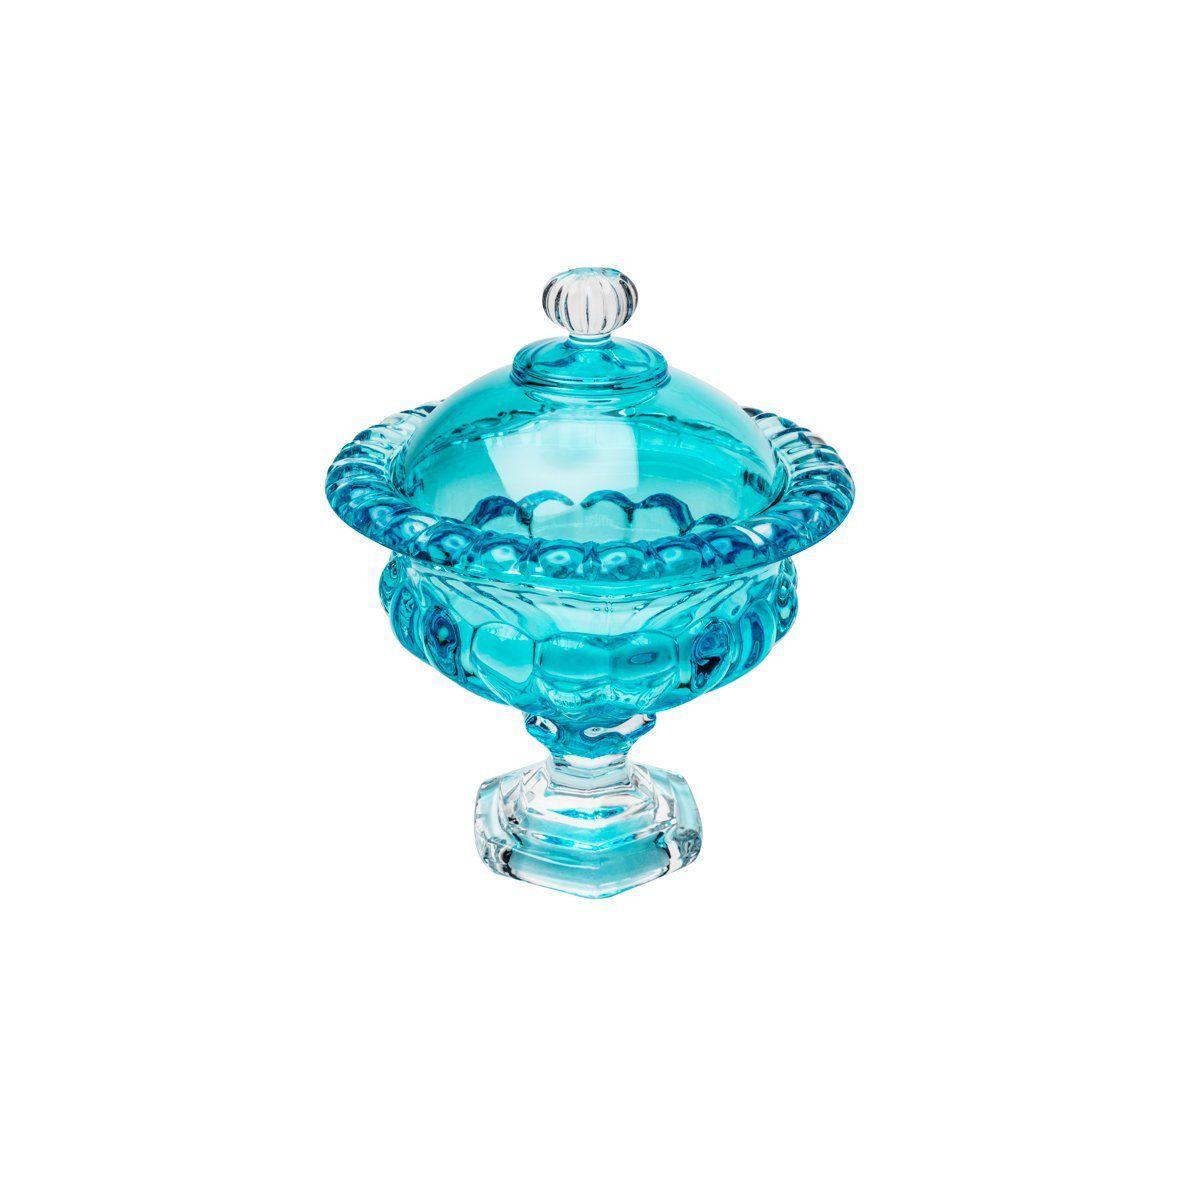 Bomboniere 23 cm de cristal turquesa com pé e tampa Sussex Wolff - 26453